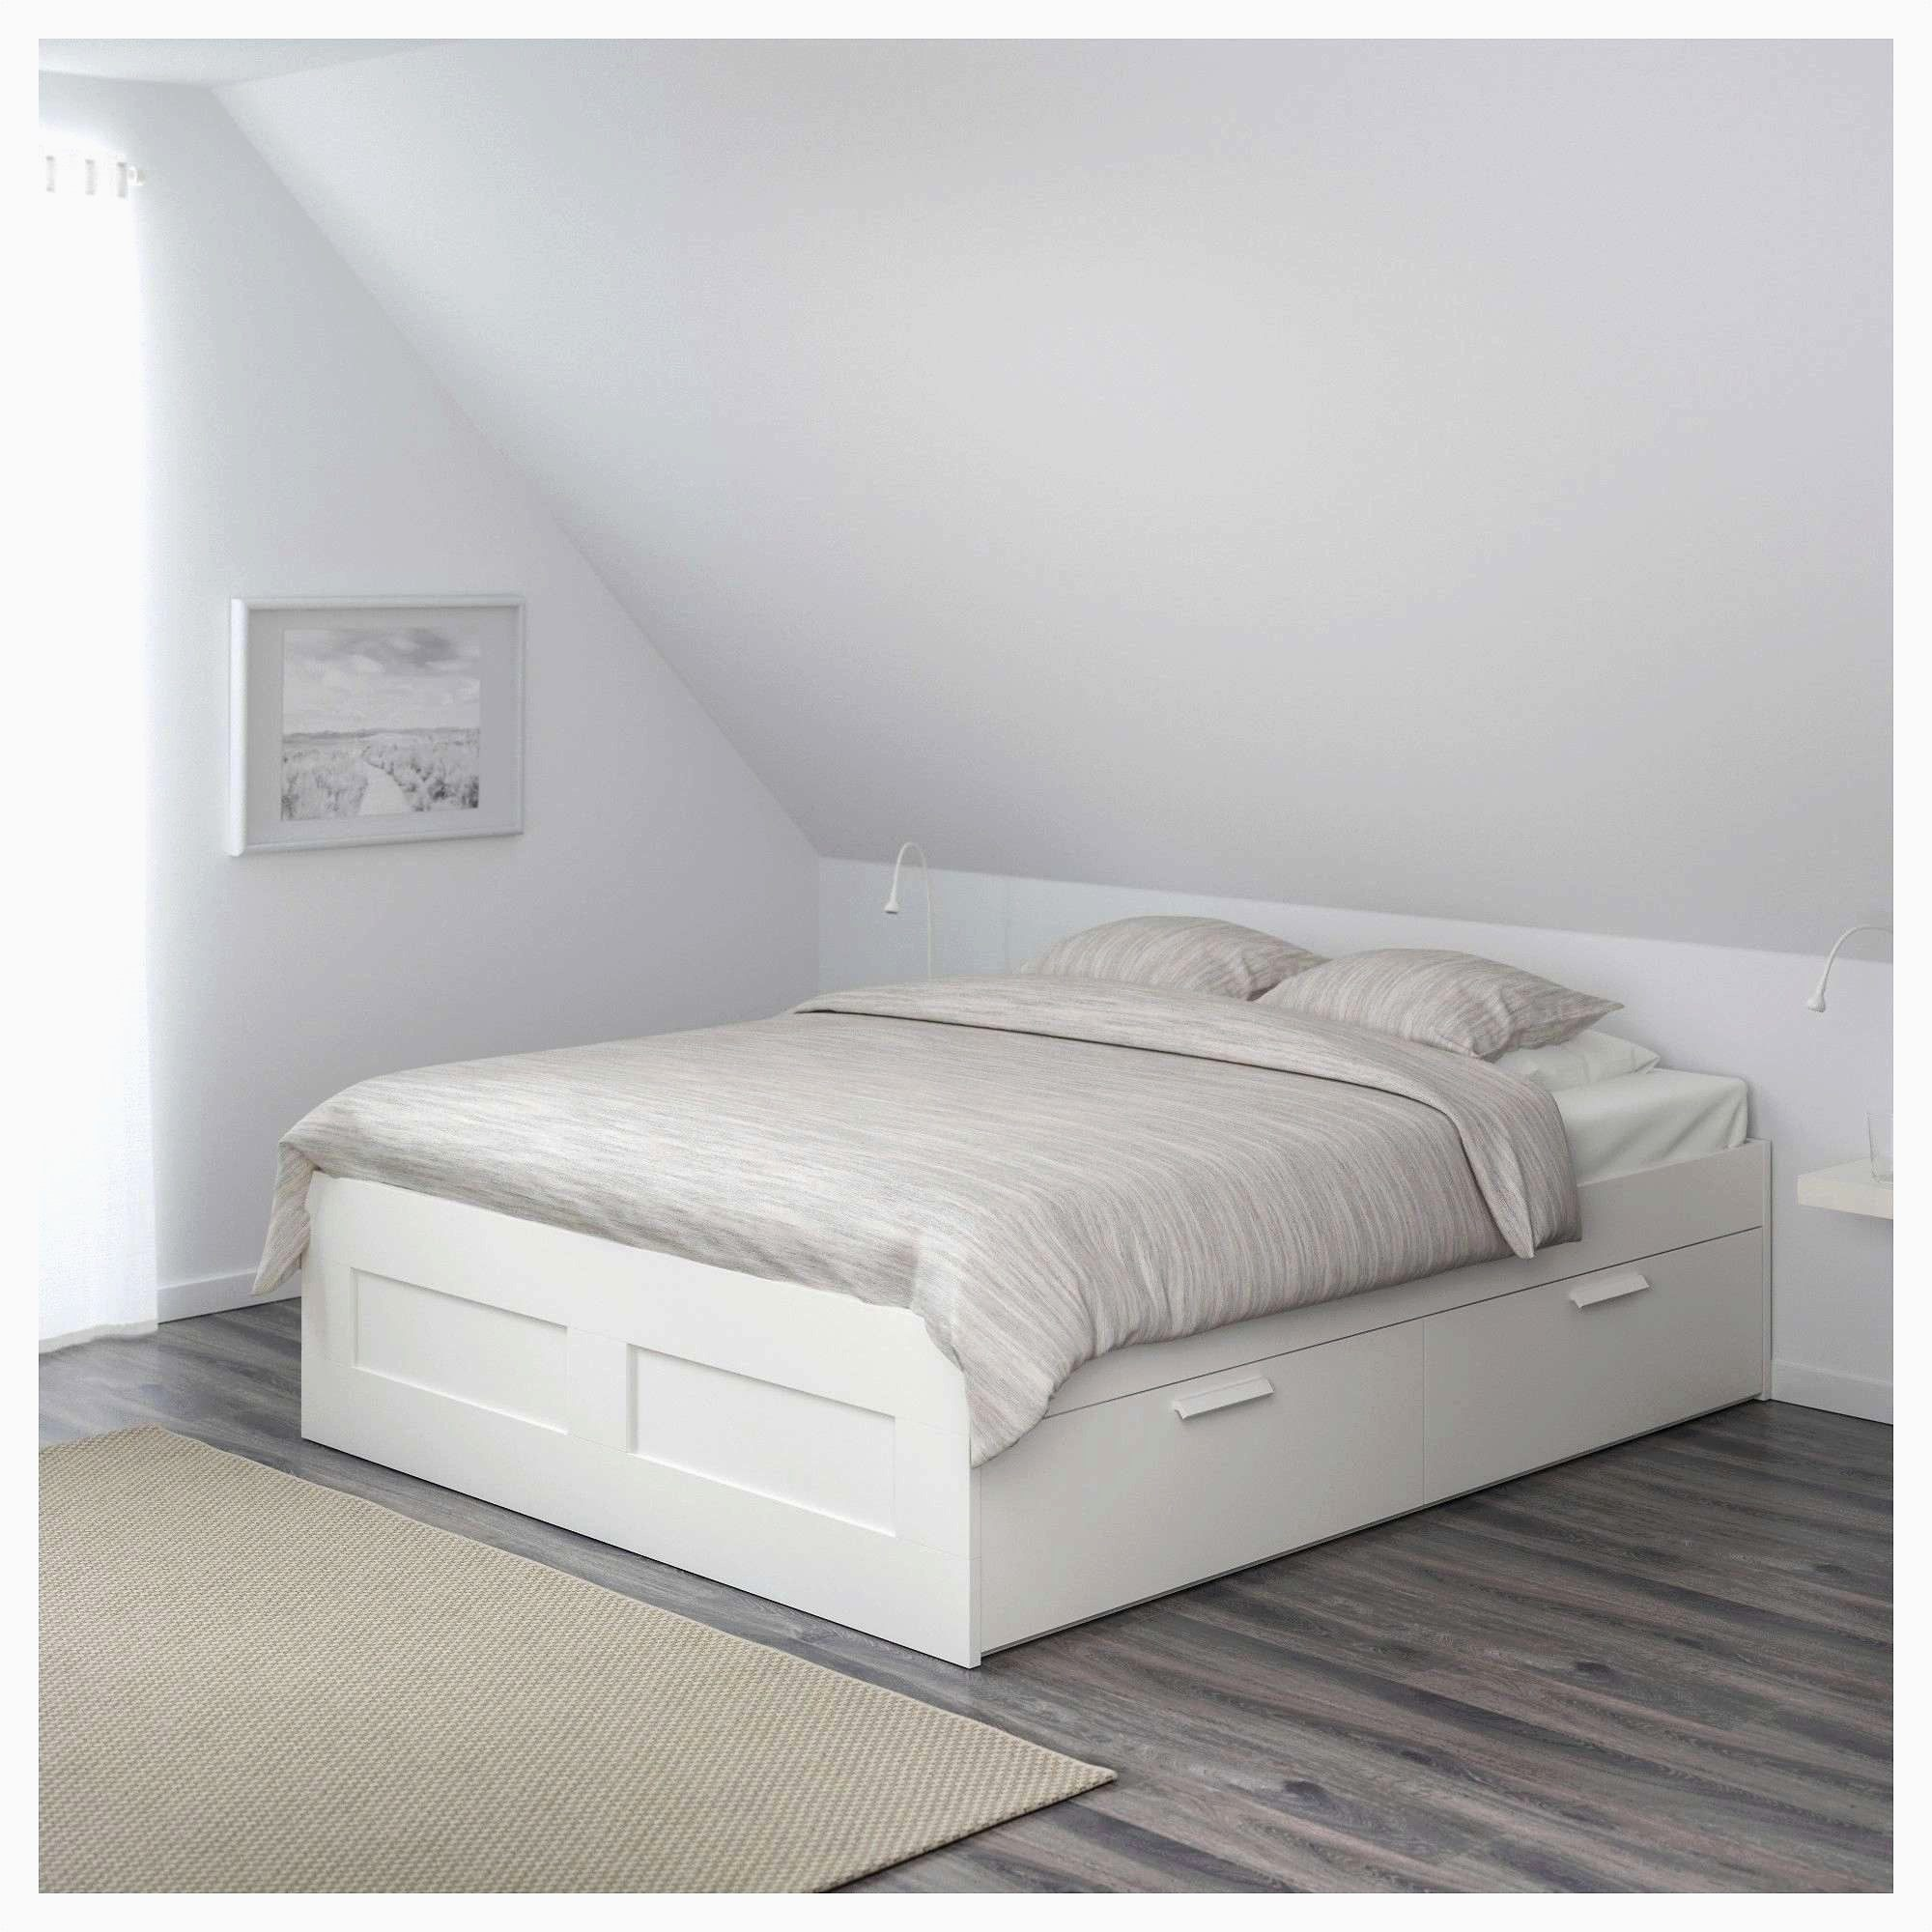 Acheter Tete De Lit Frais Tete De Lit 90 Cm 65 Frais S De Tete De Lit 90 Ikea